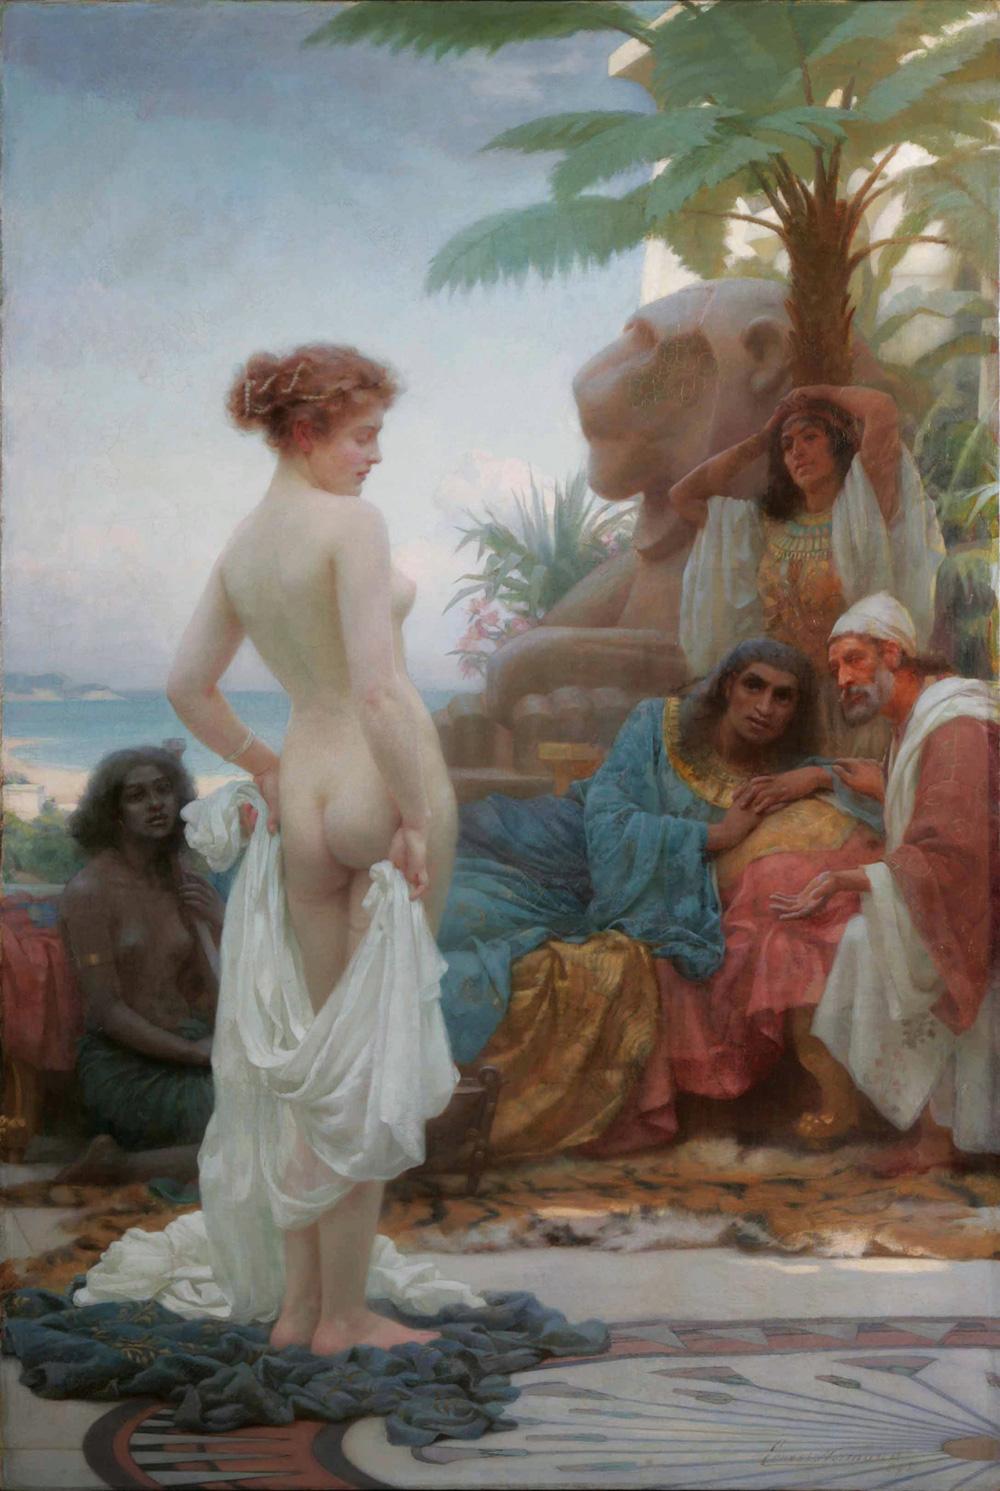 fantasy of concubines